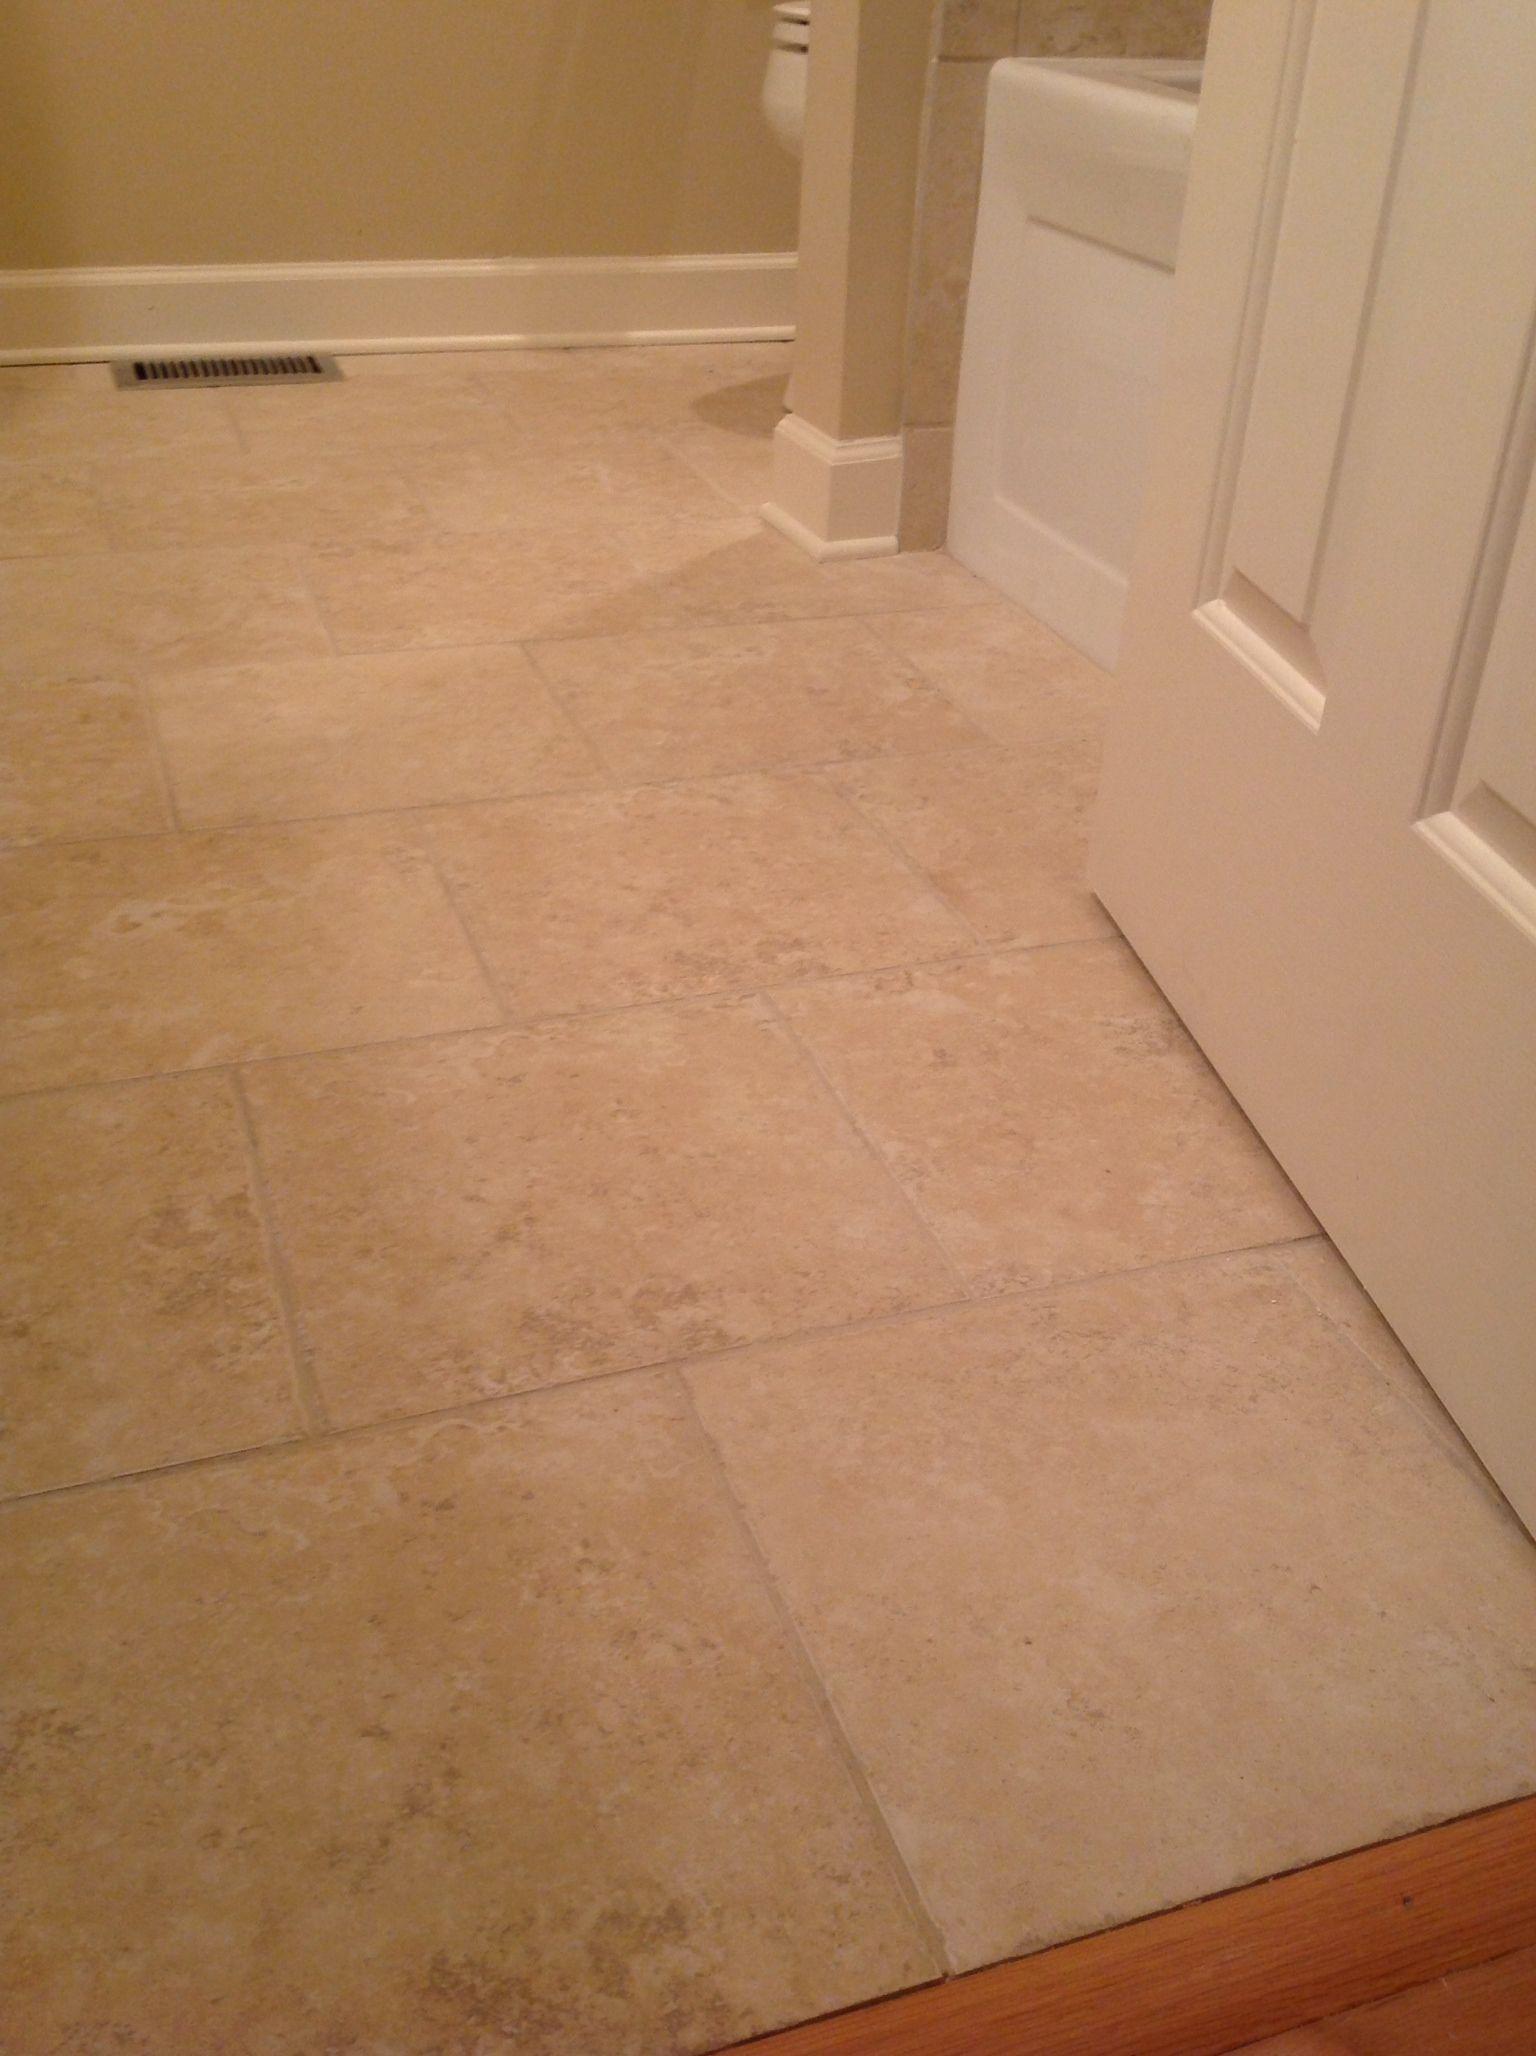 13 x 13 porcelain tile bathroom tile pinterest for 13x13 ceramic floor tiles